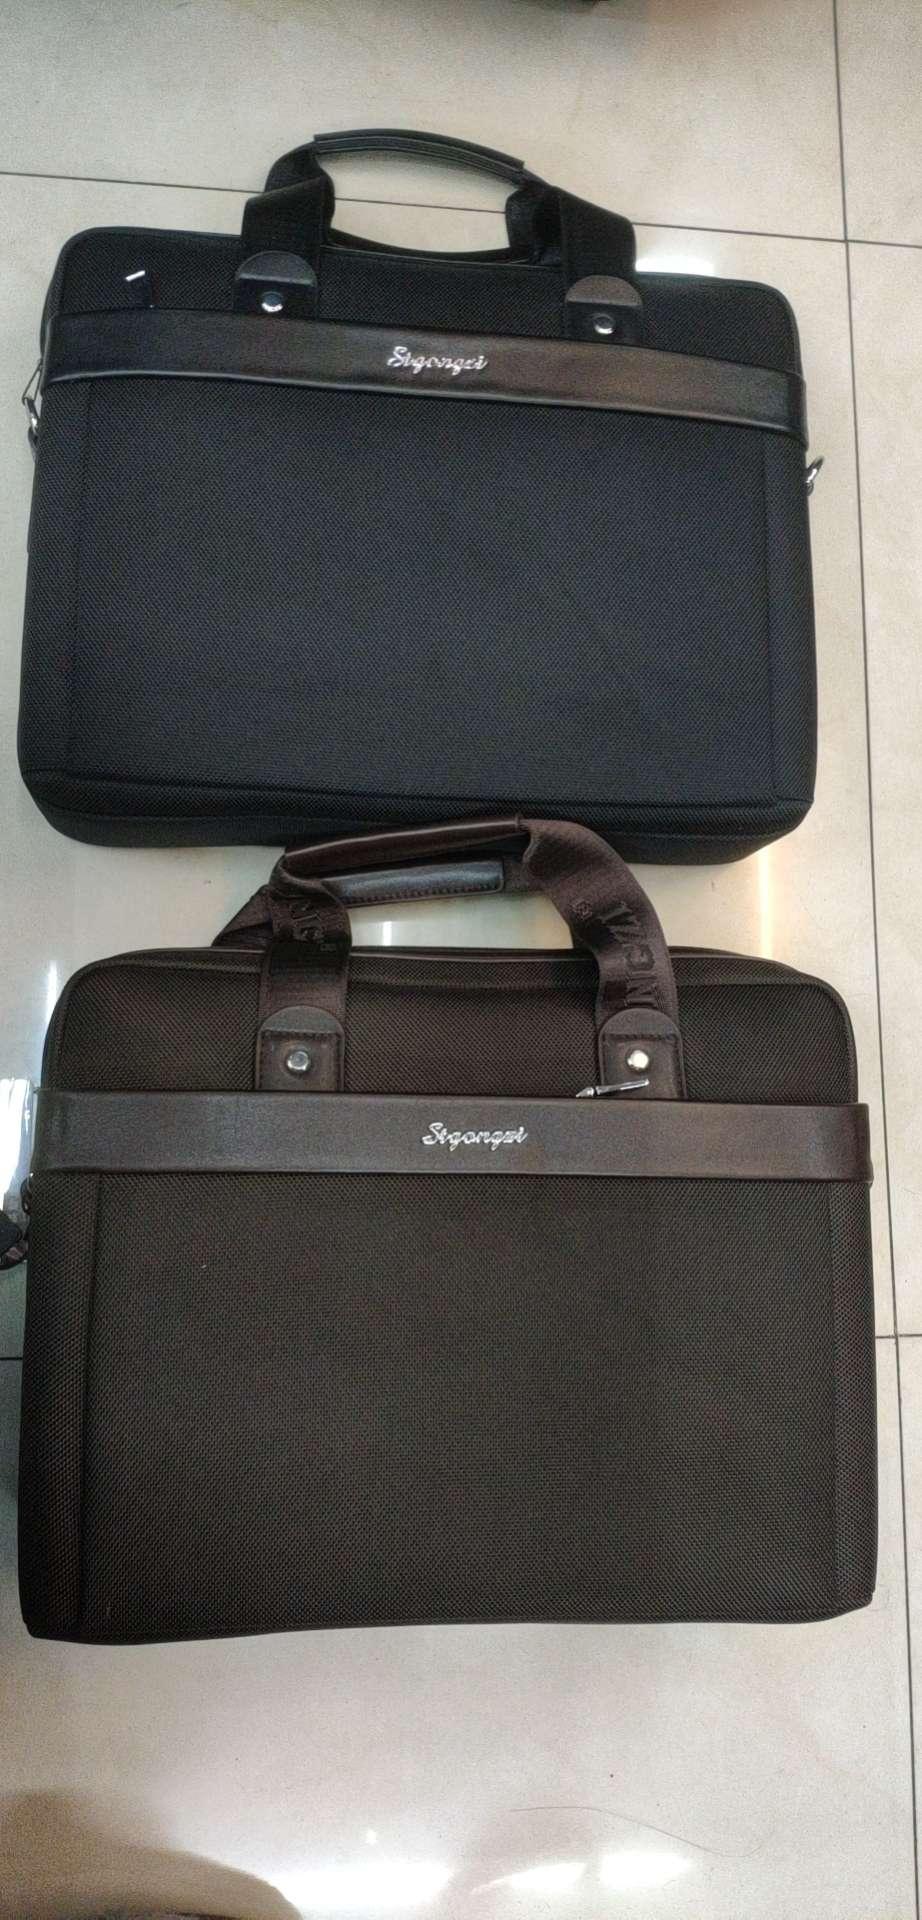 牛津布公文包电脑包大容量商务包